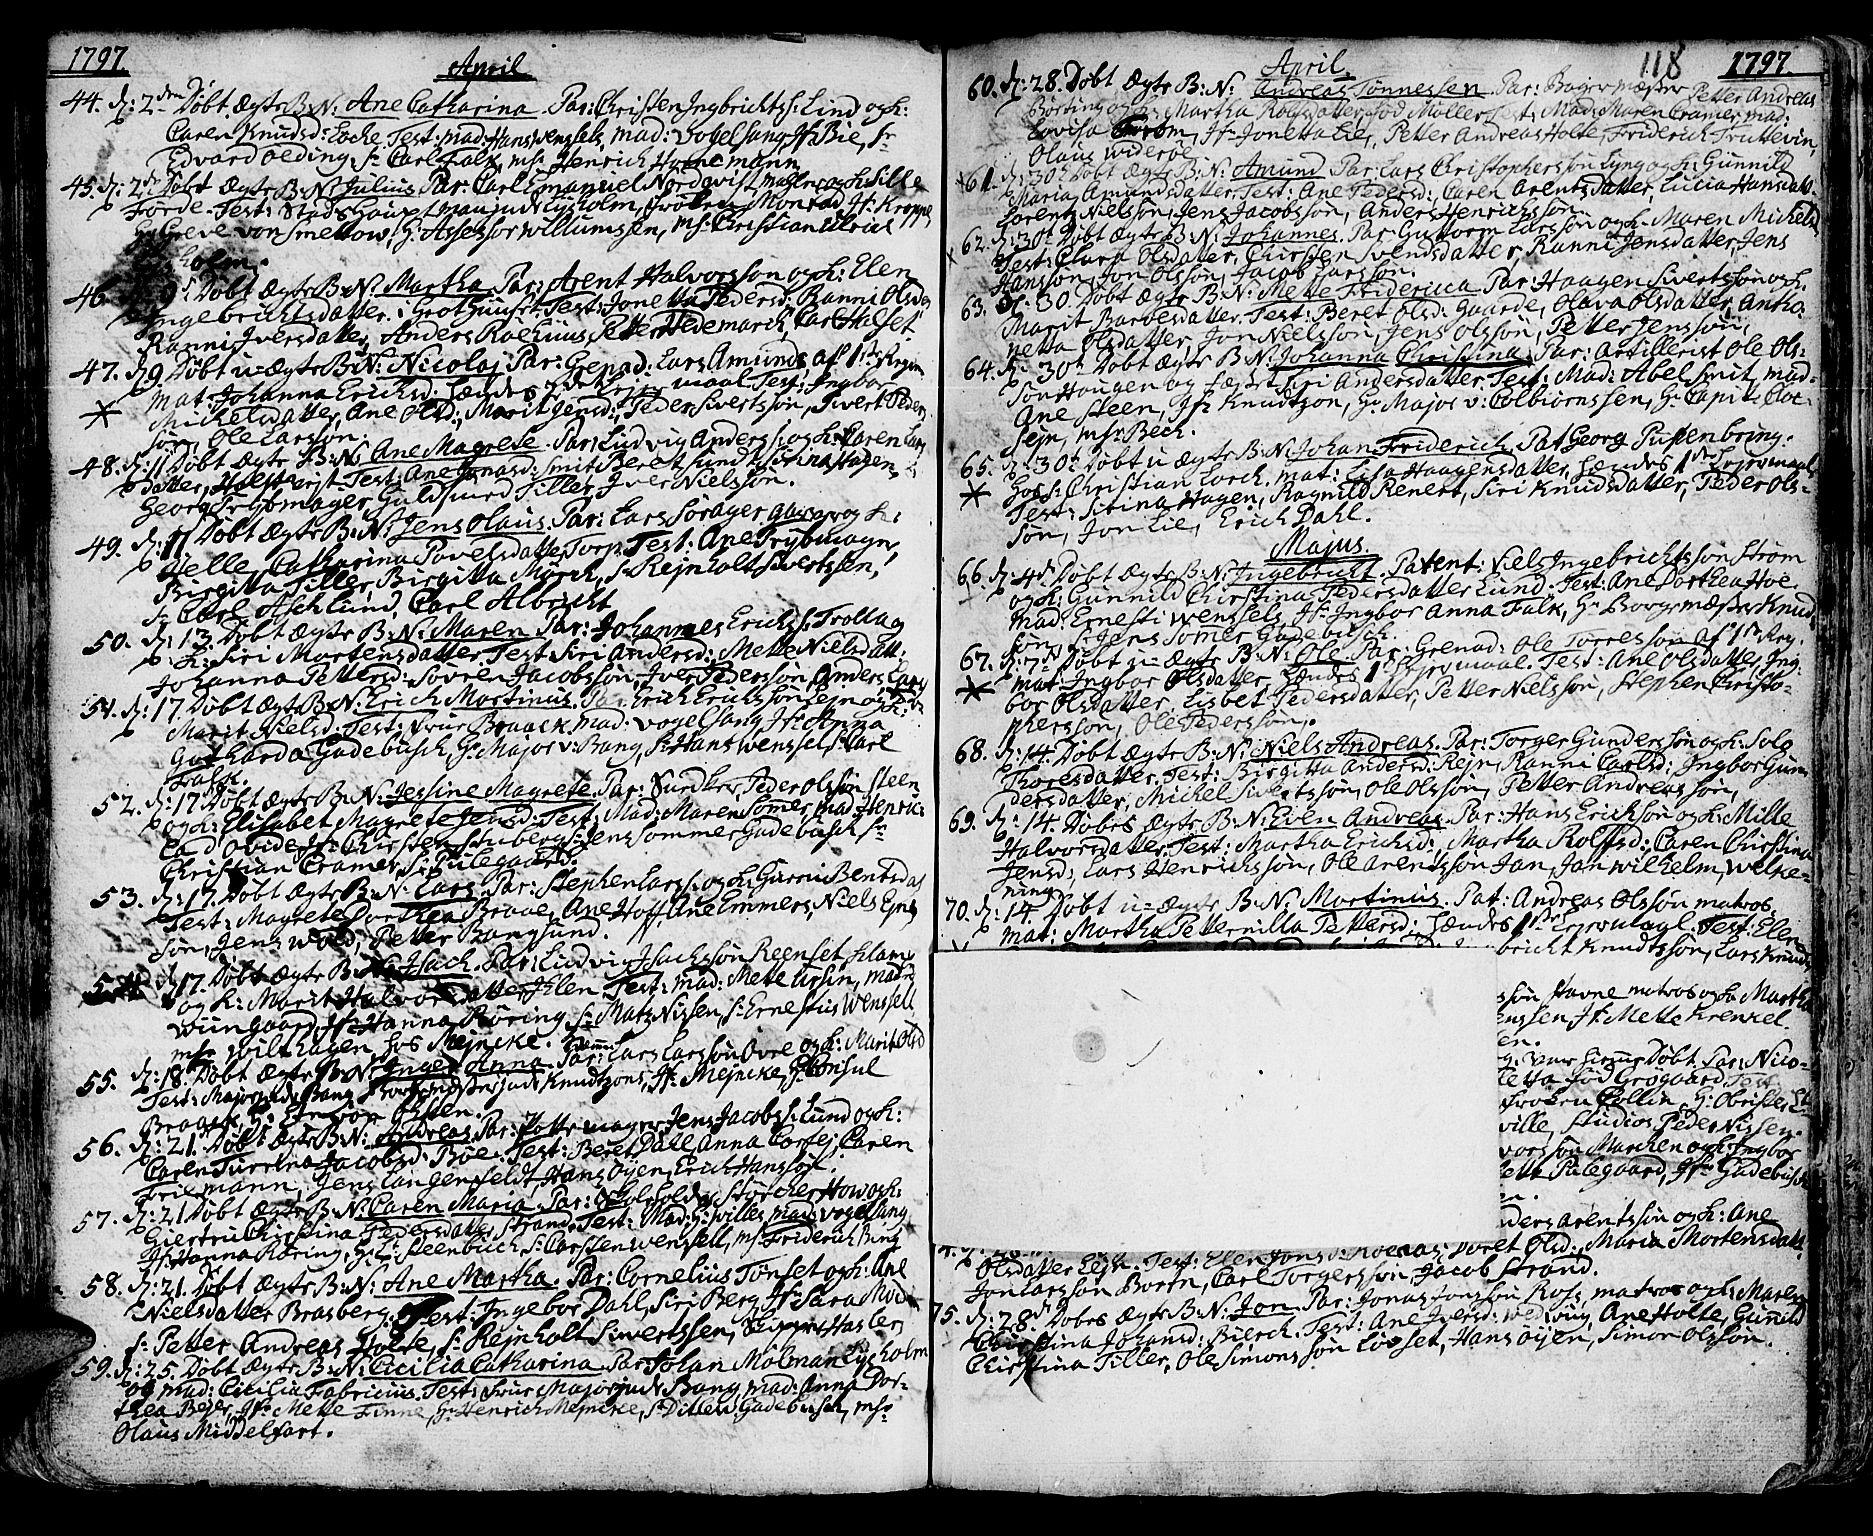 SAT, Ministerialprotokoller, klokkerbøker og fødselsregistre - Sør-Trøndelag, 601/L0039: Ministerialbok nr. 601A07, 1770-1819, s. 118